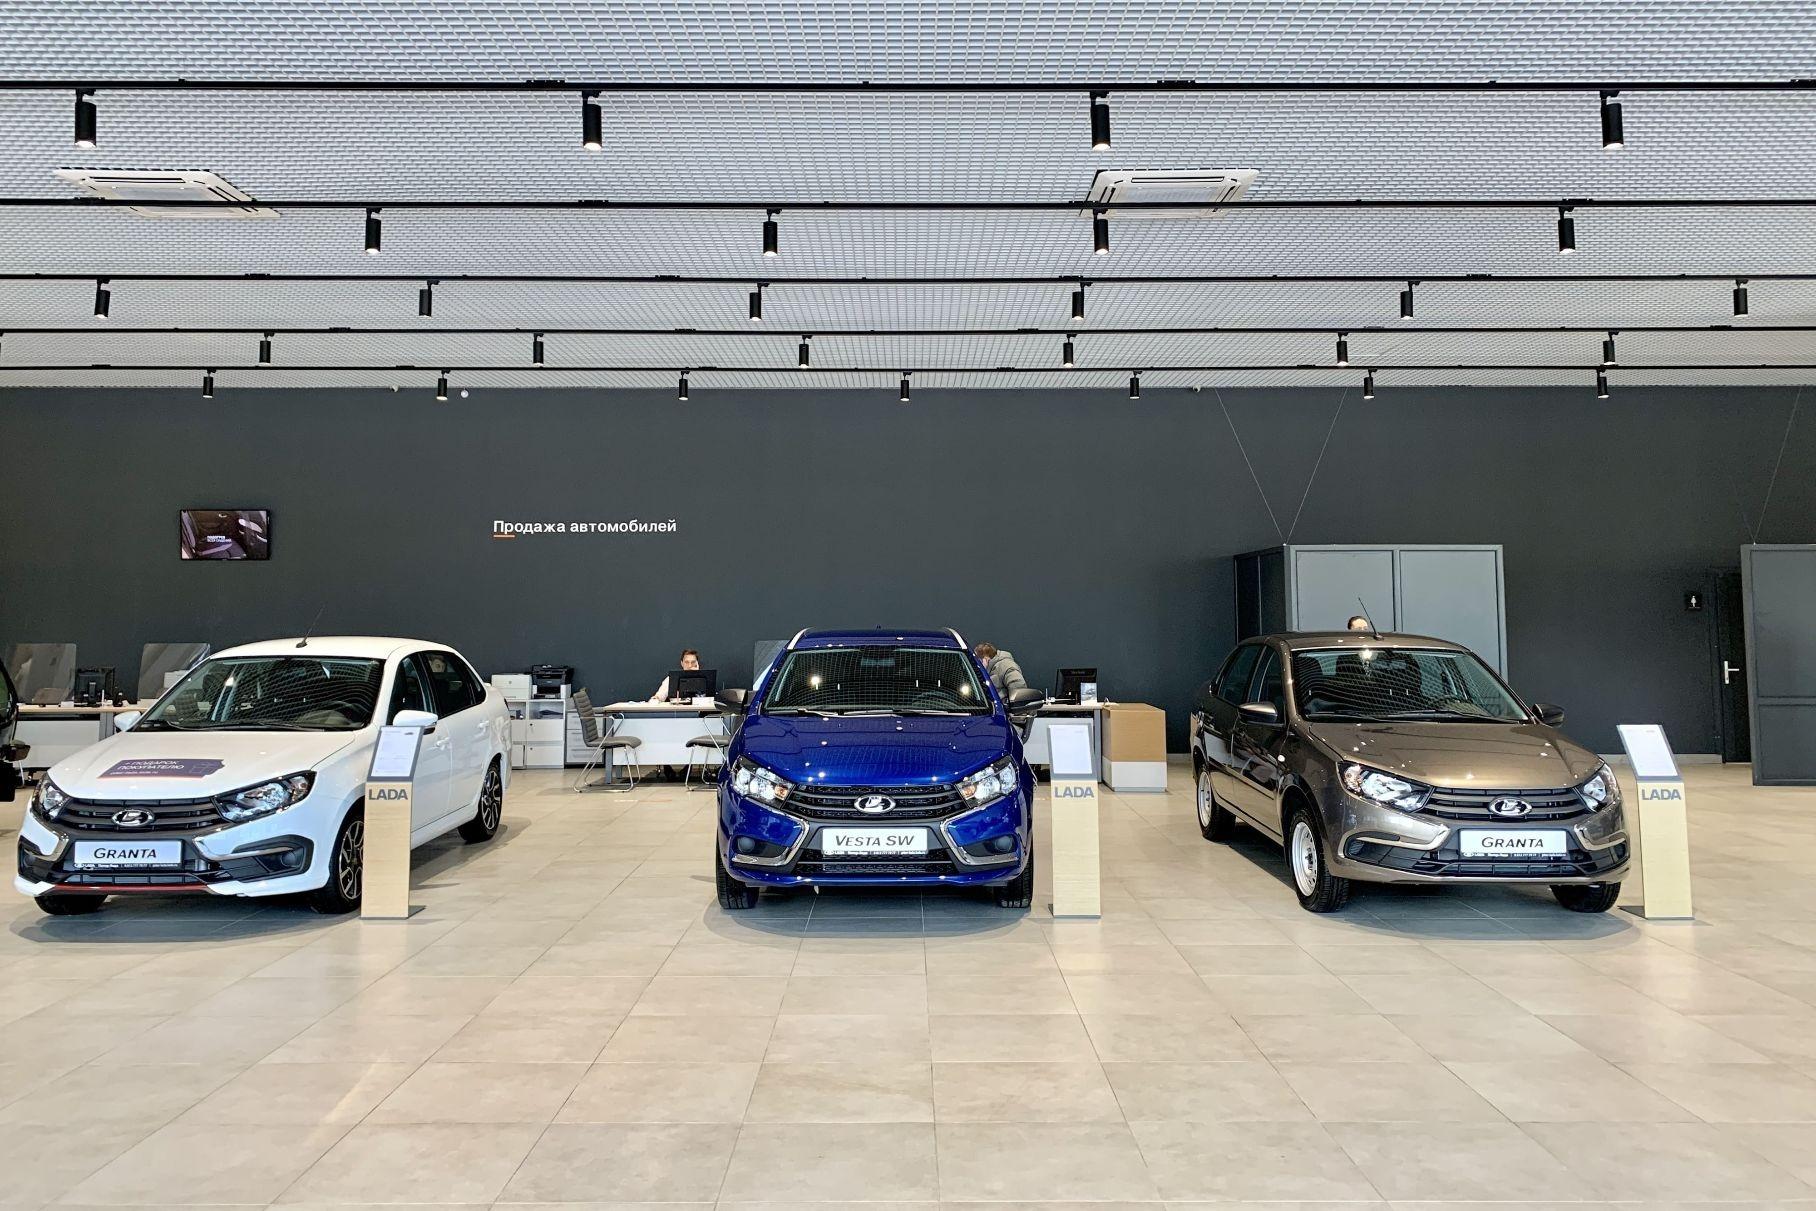 Продажи новых машин в России выросли на 290 процентов по сравнению с черным апрелем 2020 года